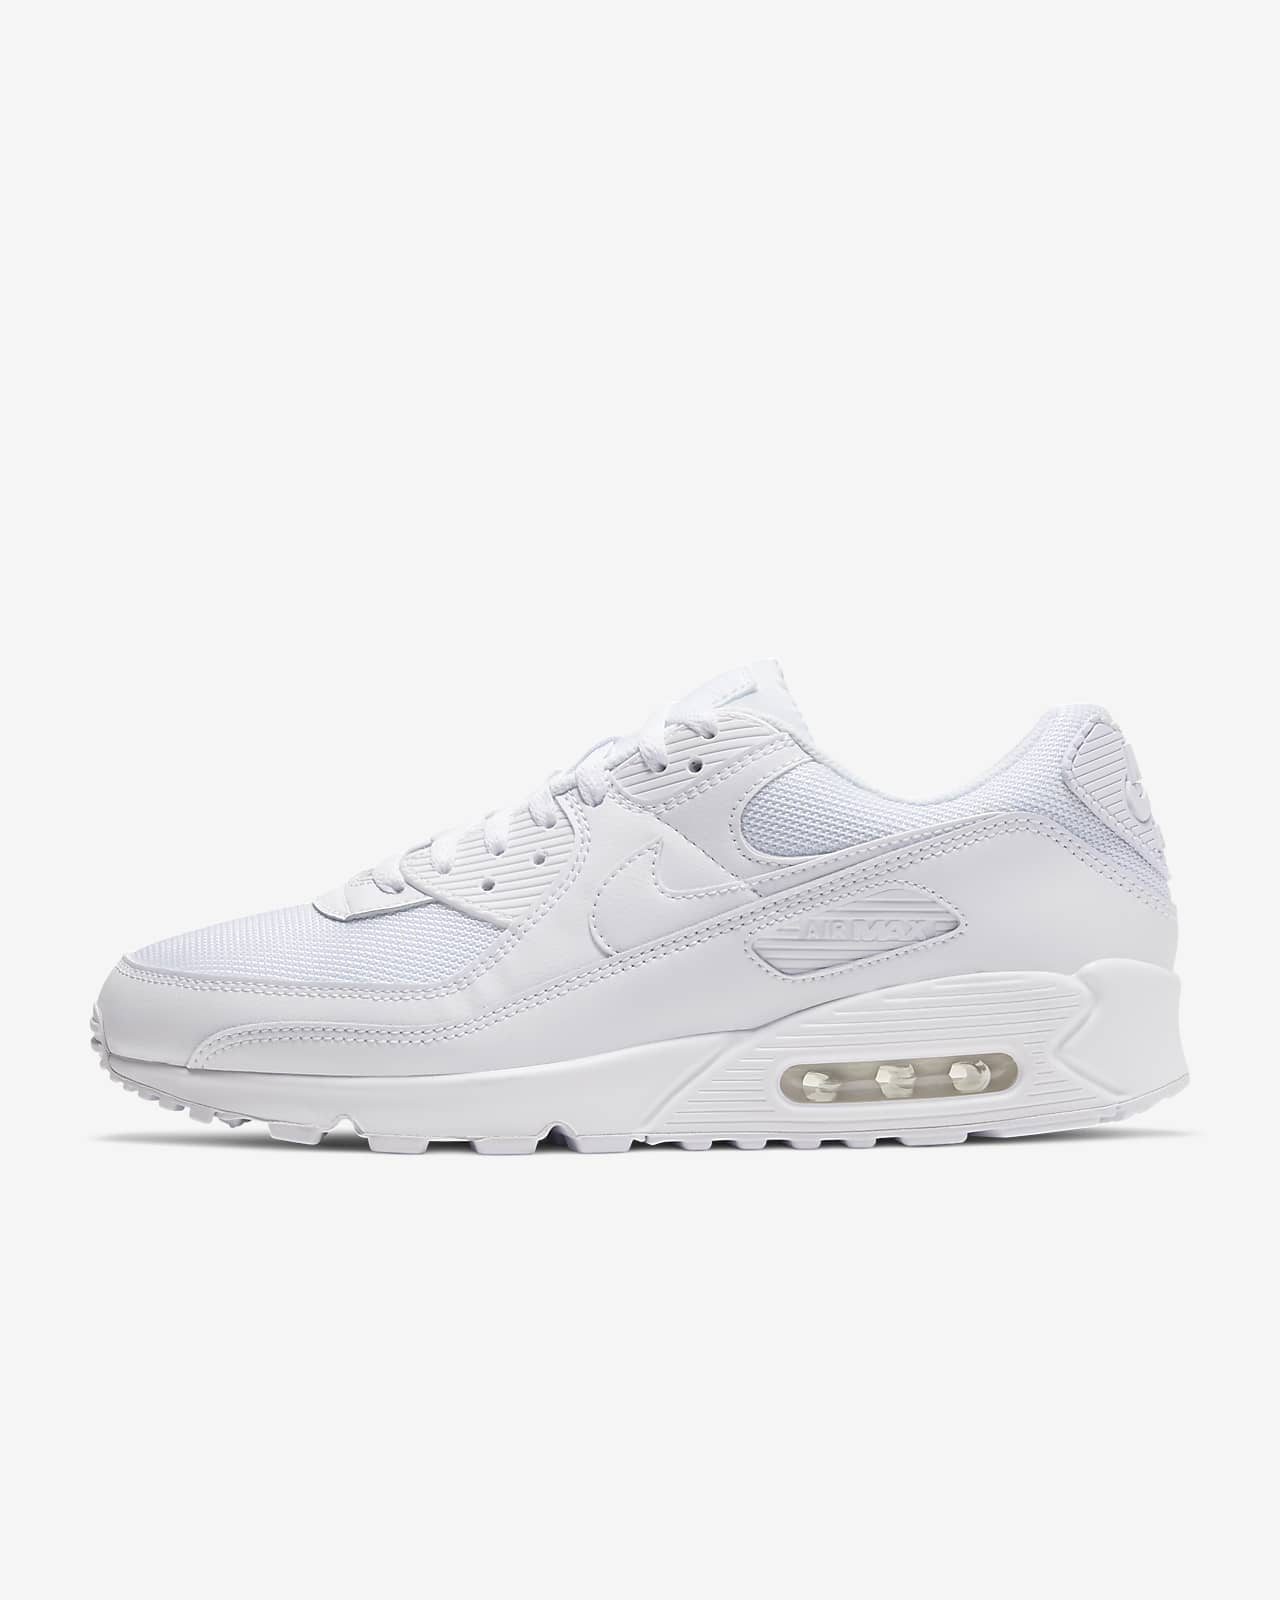 nike air max 1 jp sneaker